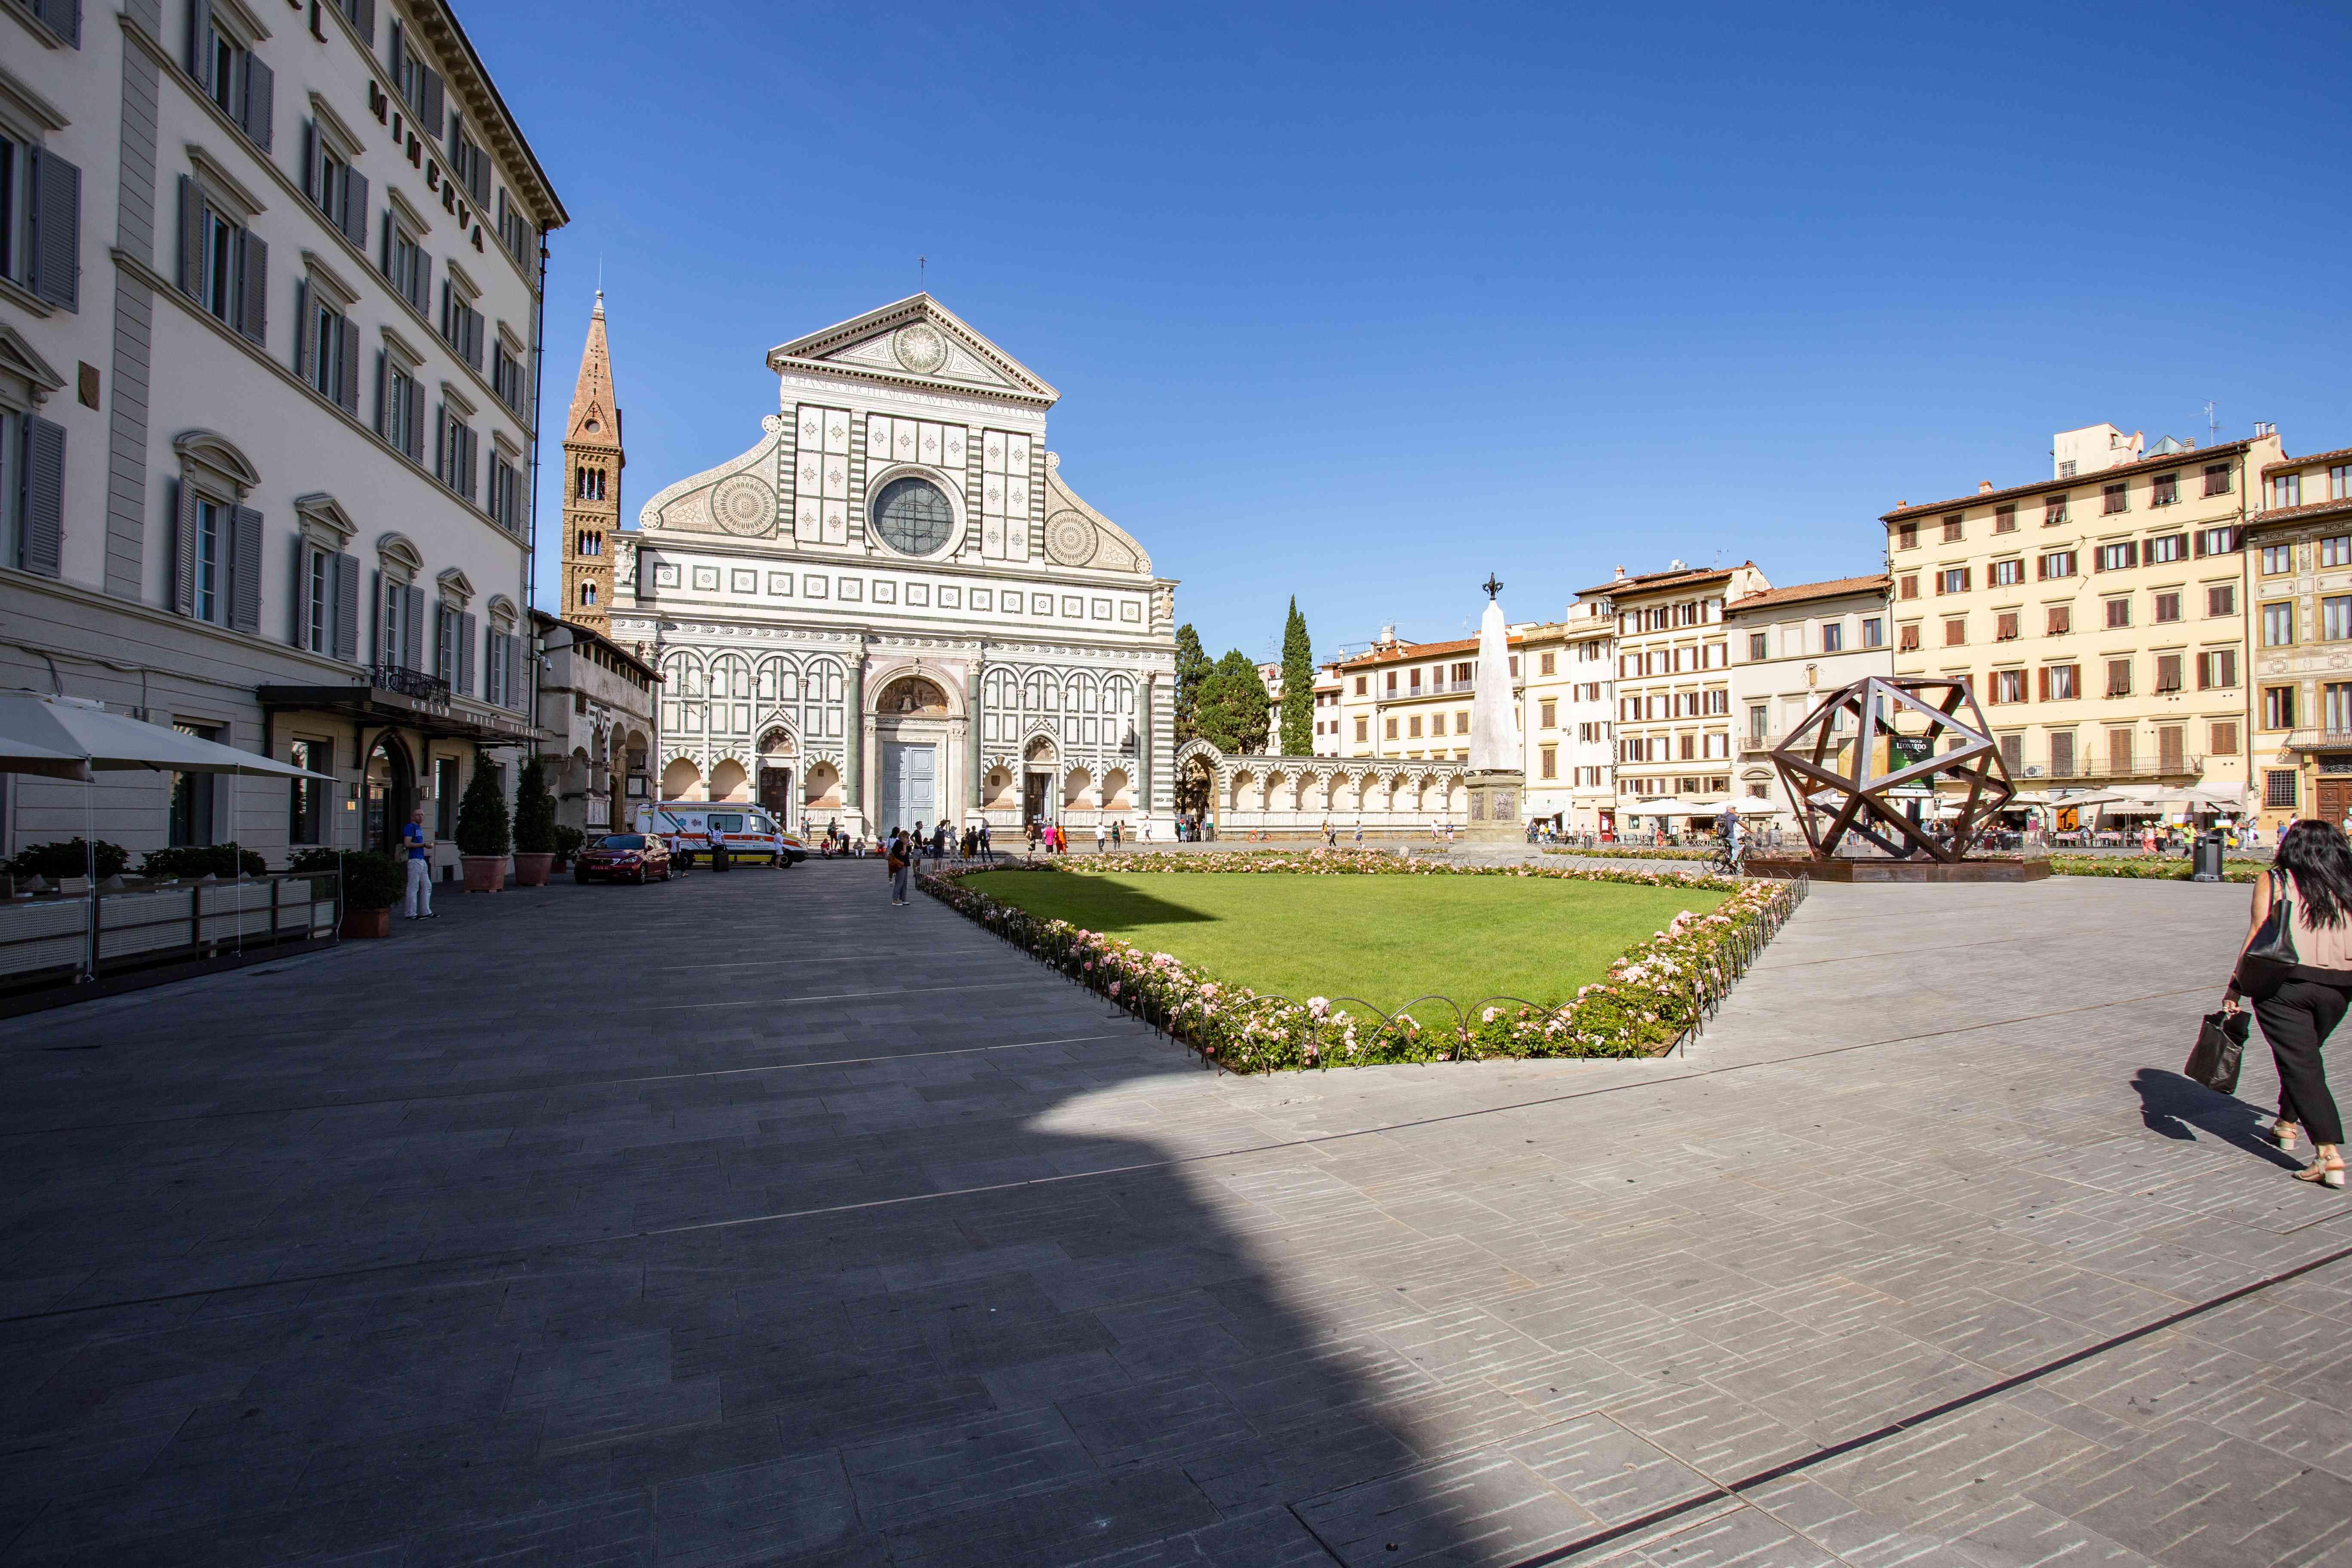 Santa Maria Novella Church in Florence, Italy